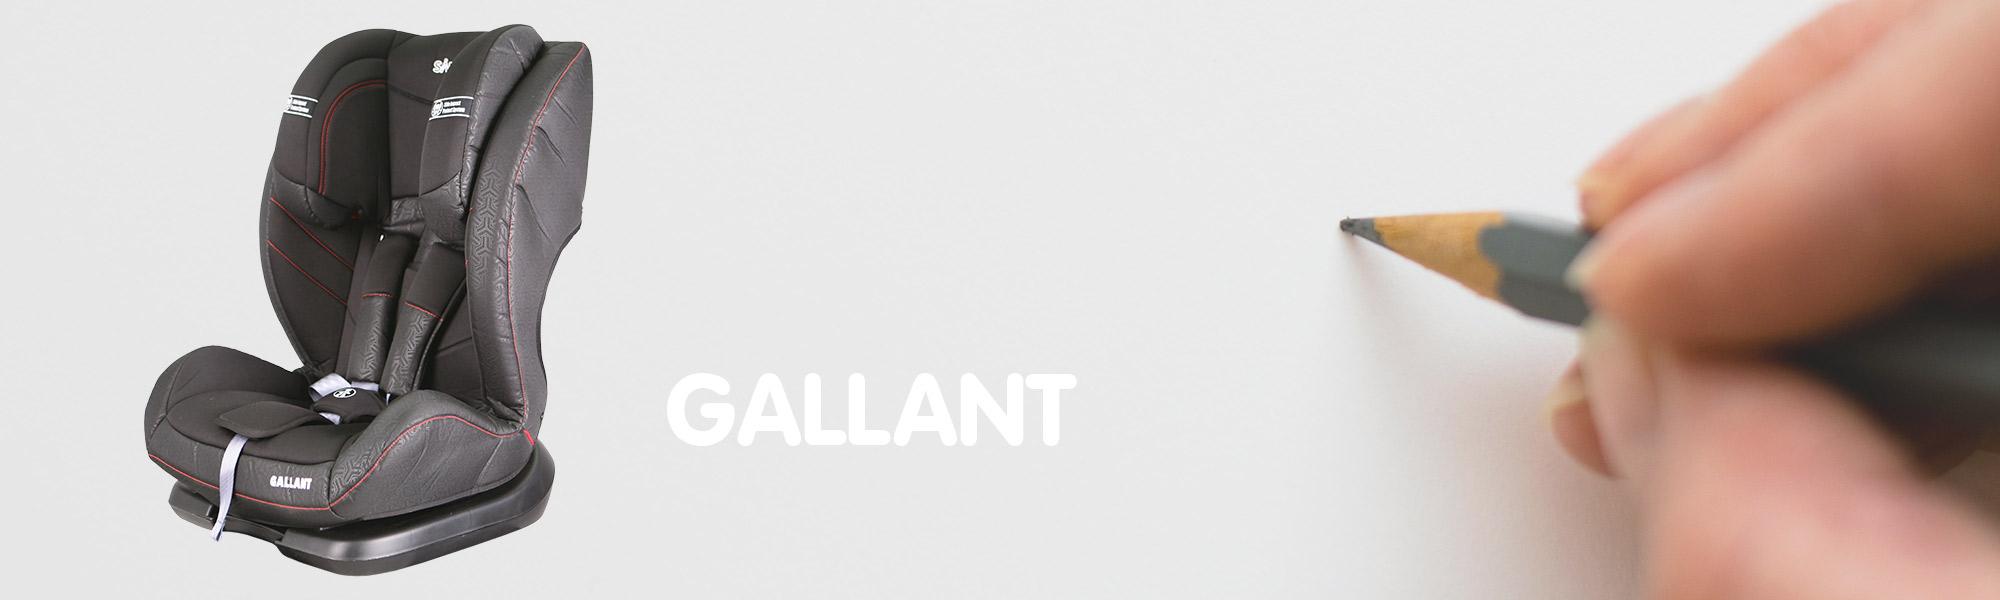 Gallant-2000x600